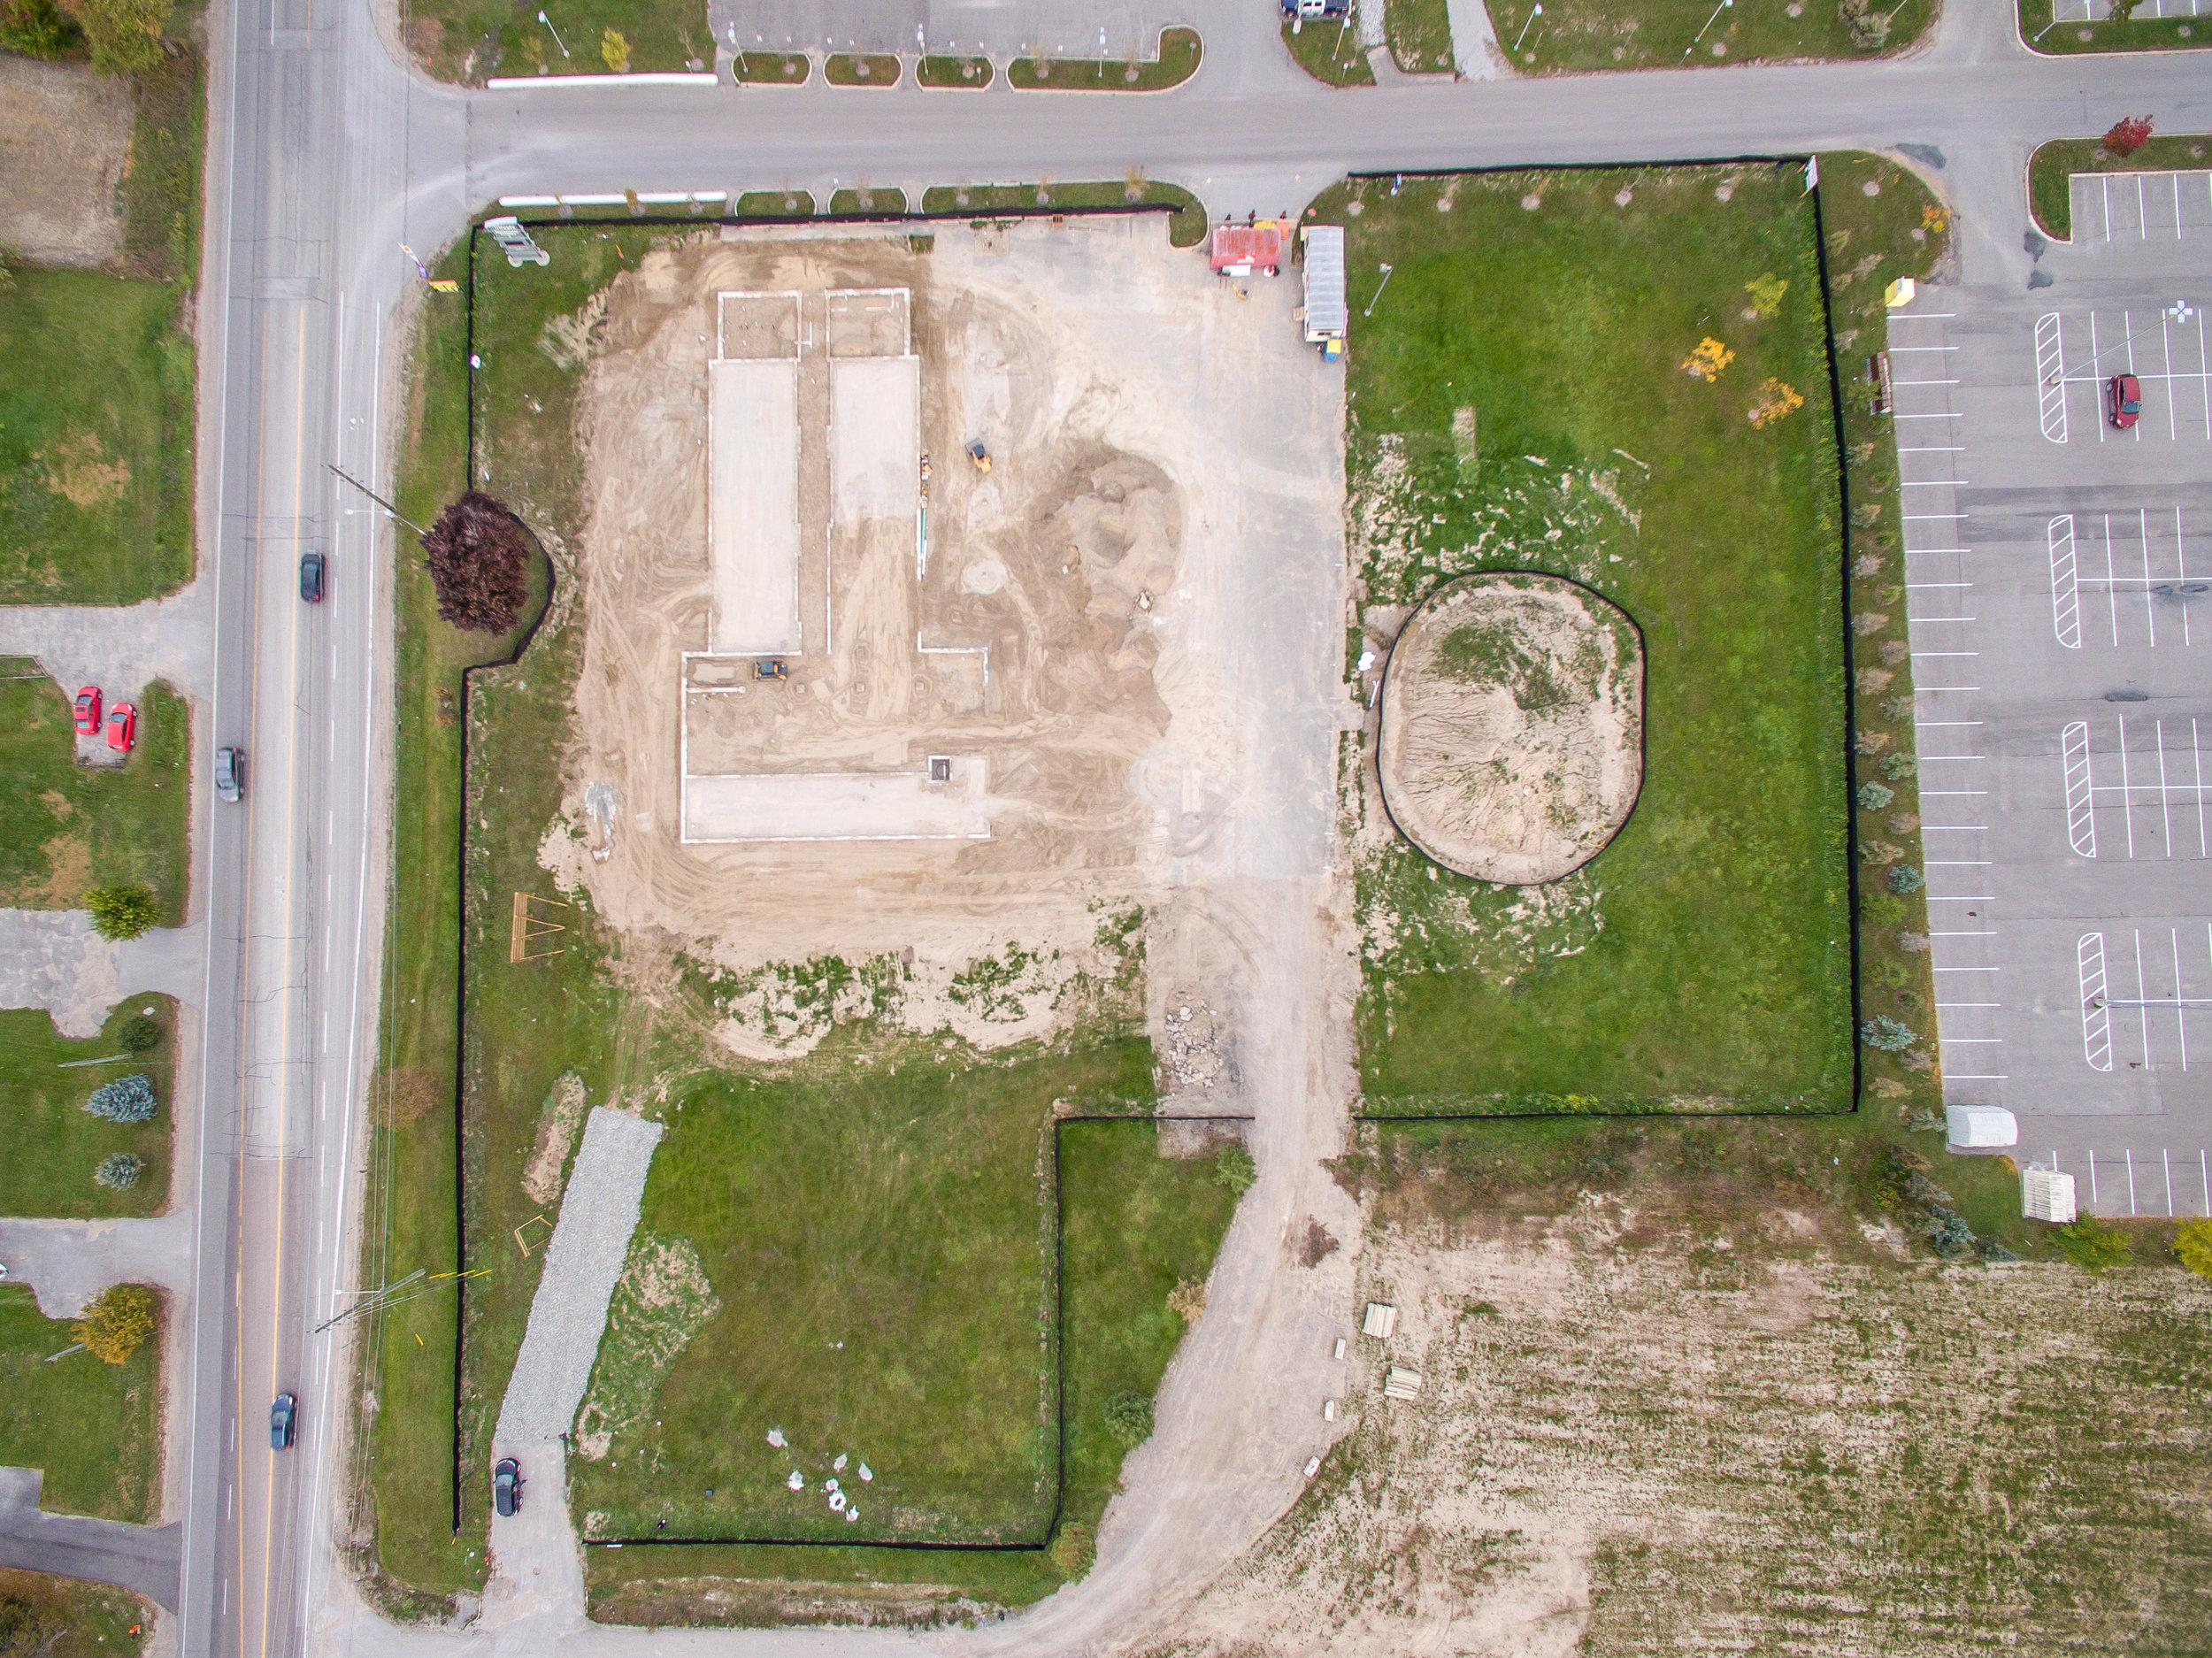 KBS_aerial-2.jpg